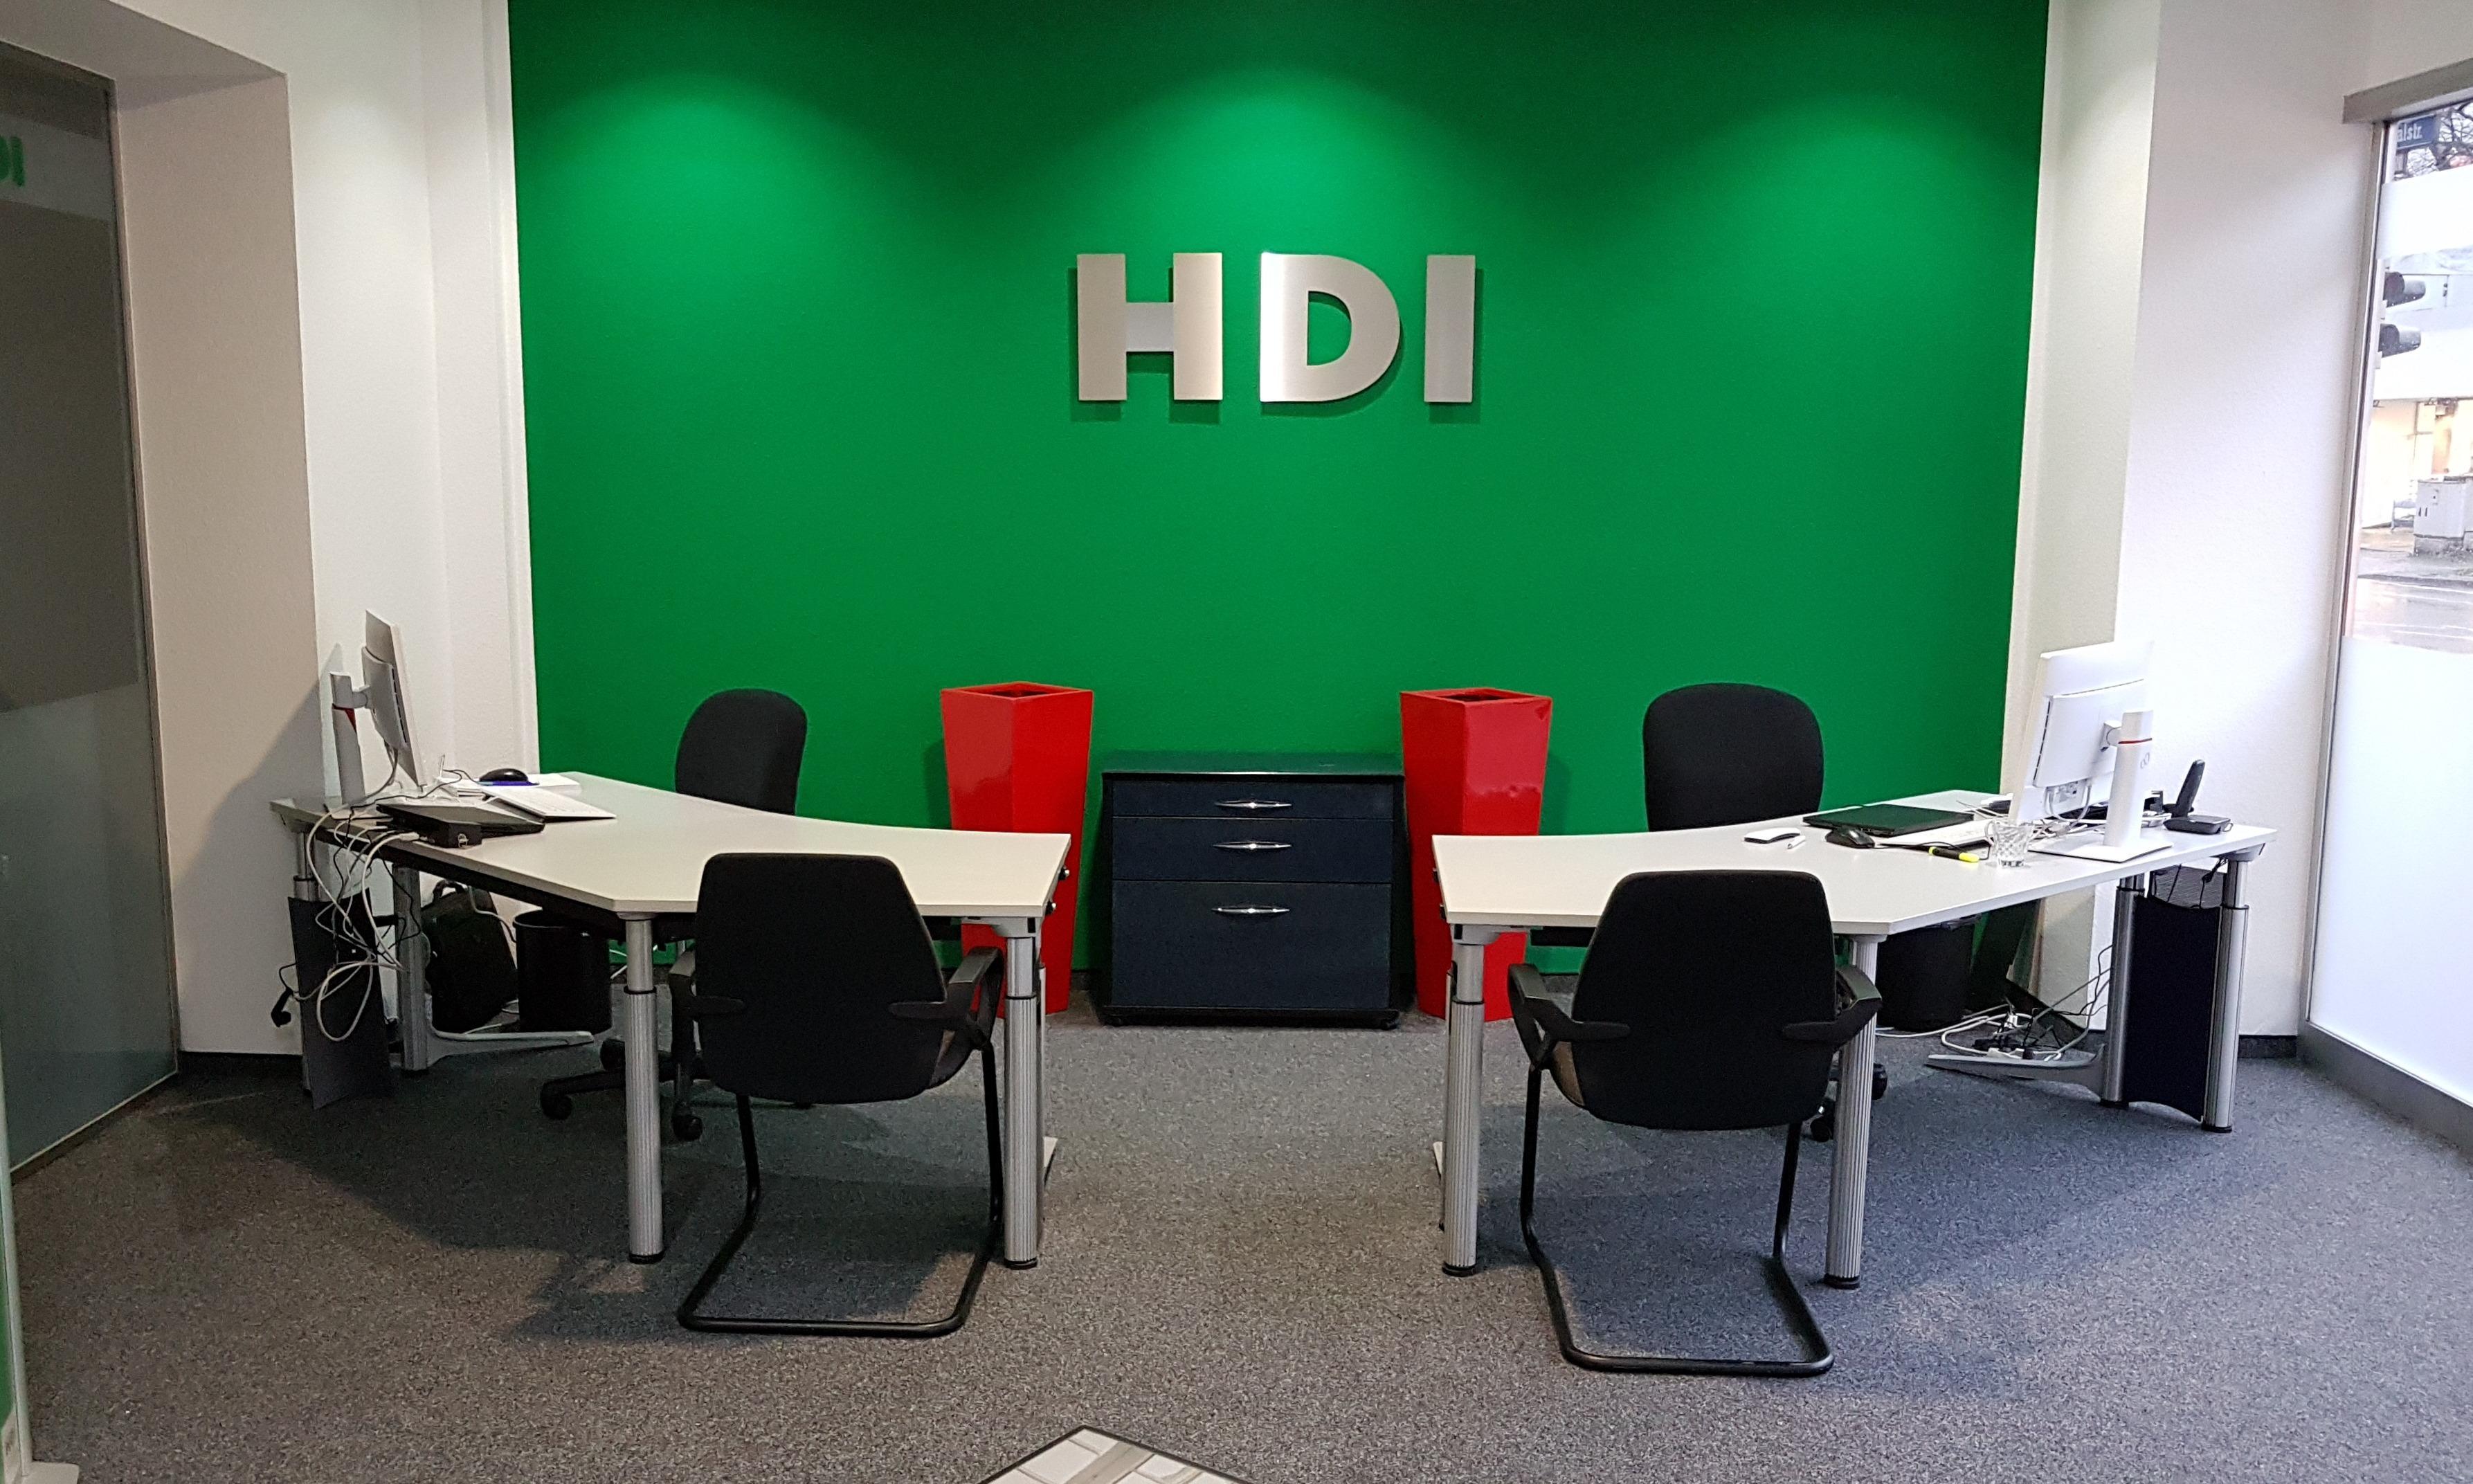 HDI Hauptvertretung Bernd Puckaß Agentur von innen